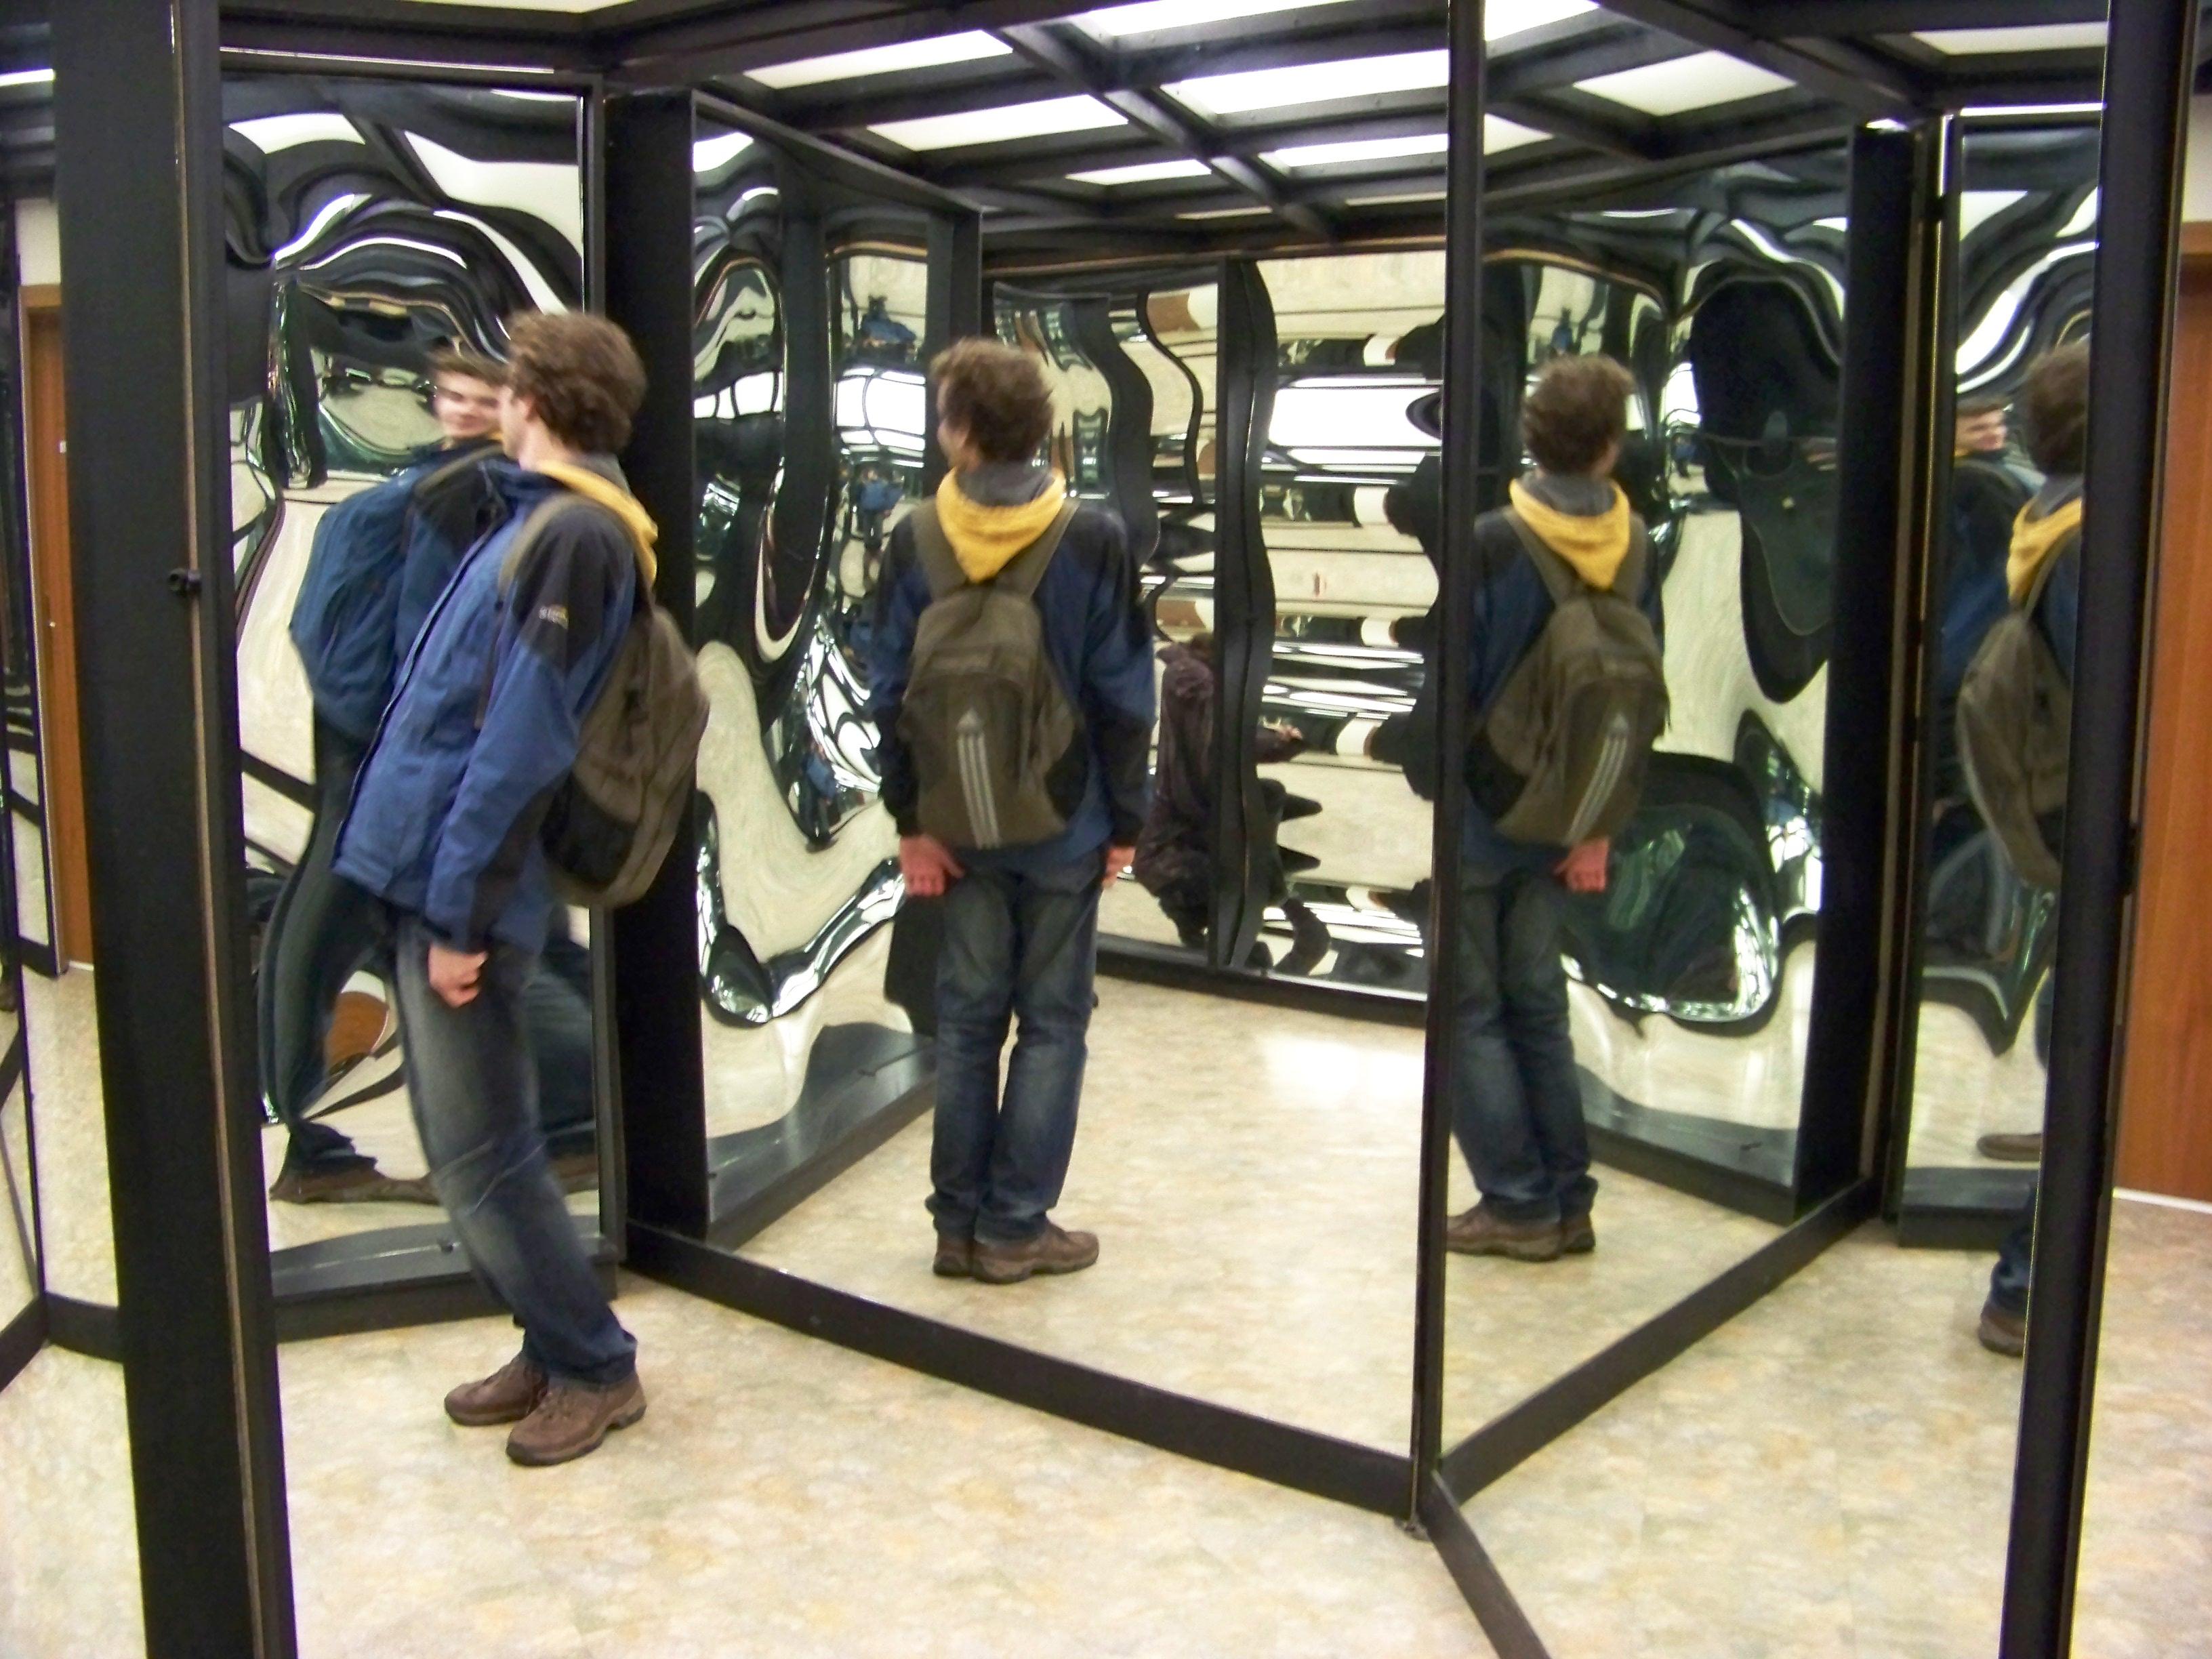 File:Větruše, zrcadlové bludiště.jpg - Wikimedia Commons